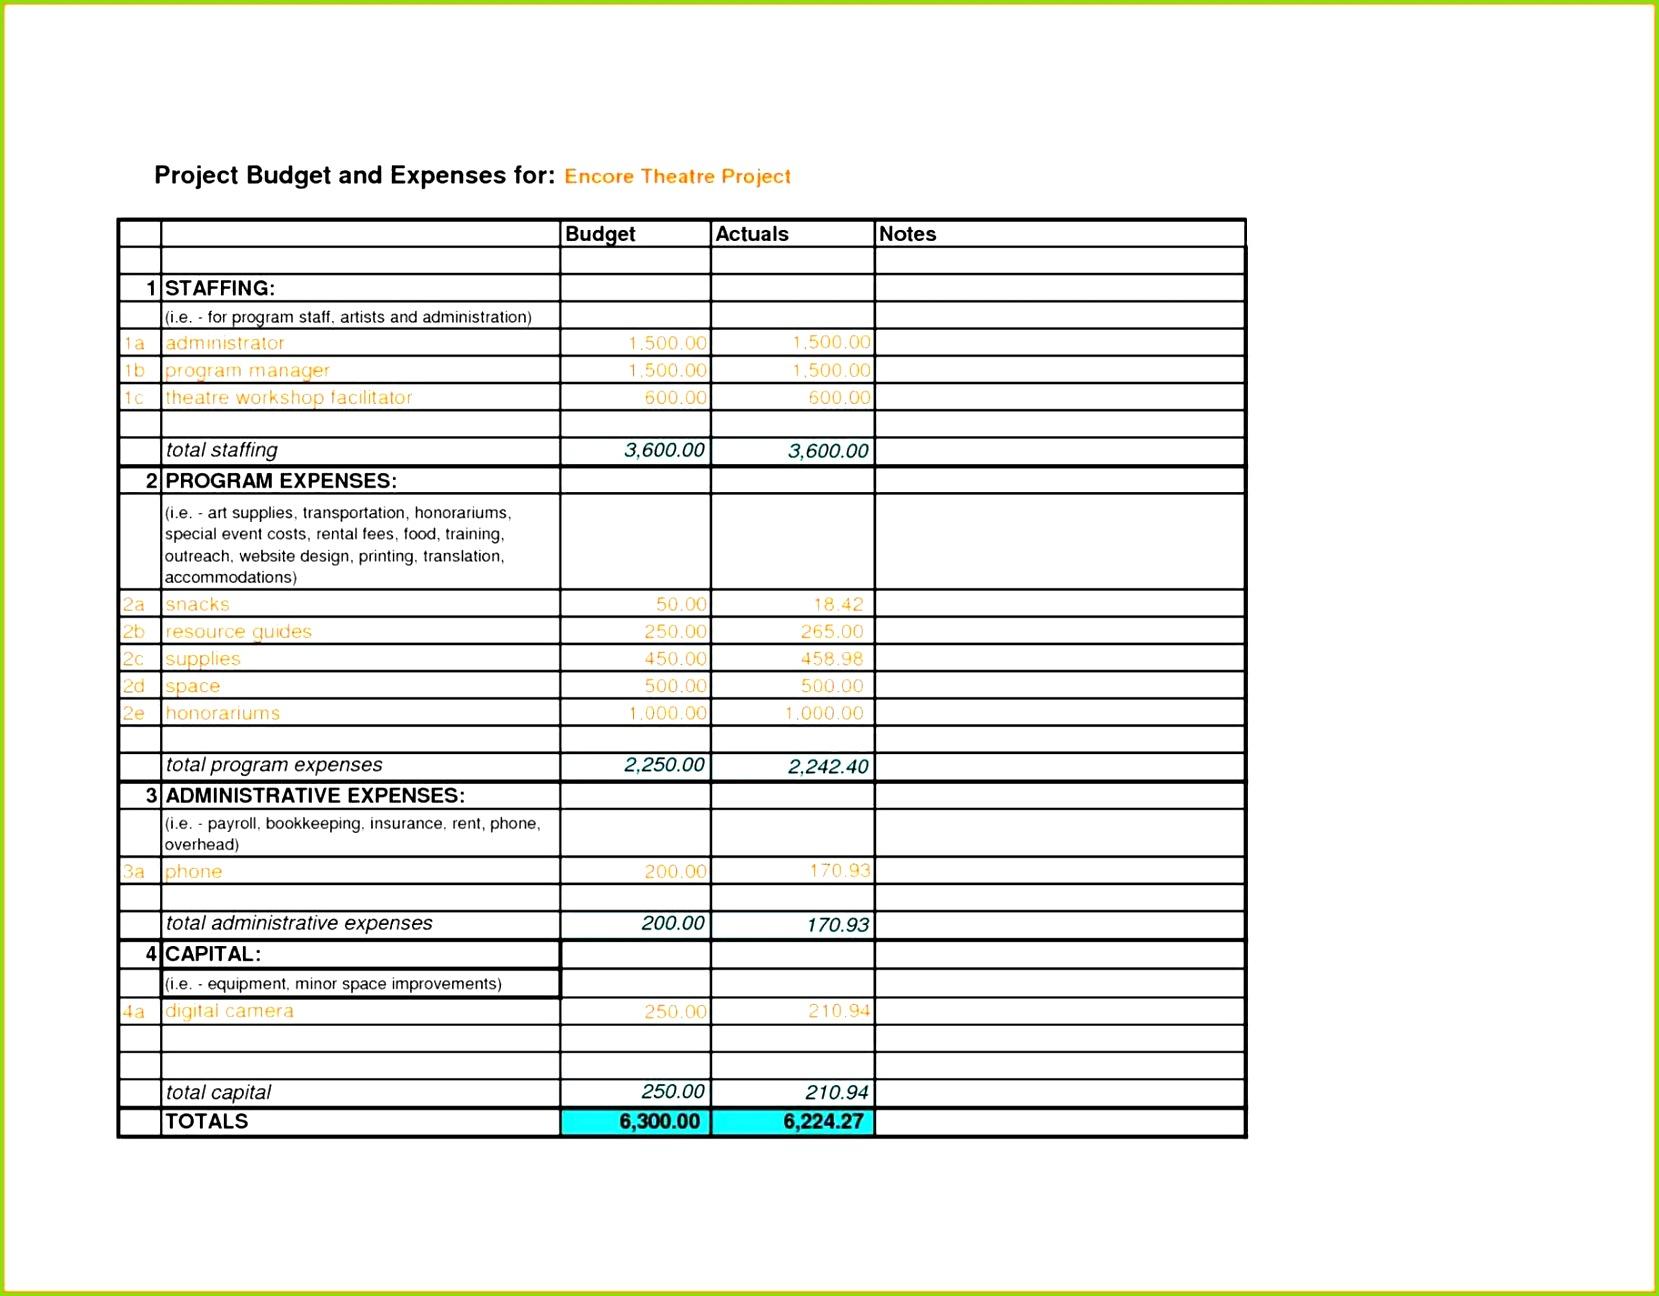 Niedlich Preisliste Vorlage Excel Galerie Gesamt mit Neueste Excel Preisliste Vorlage